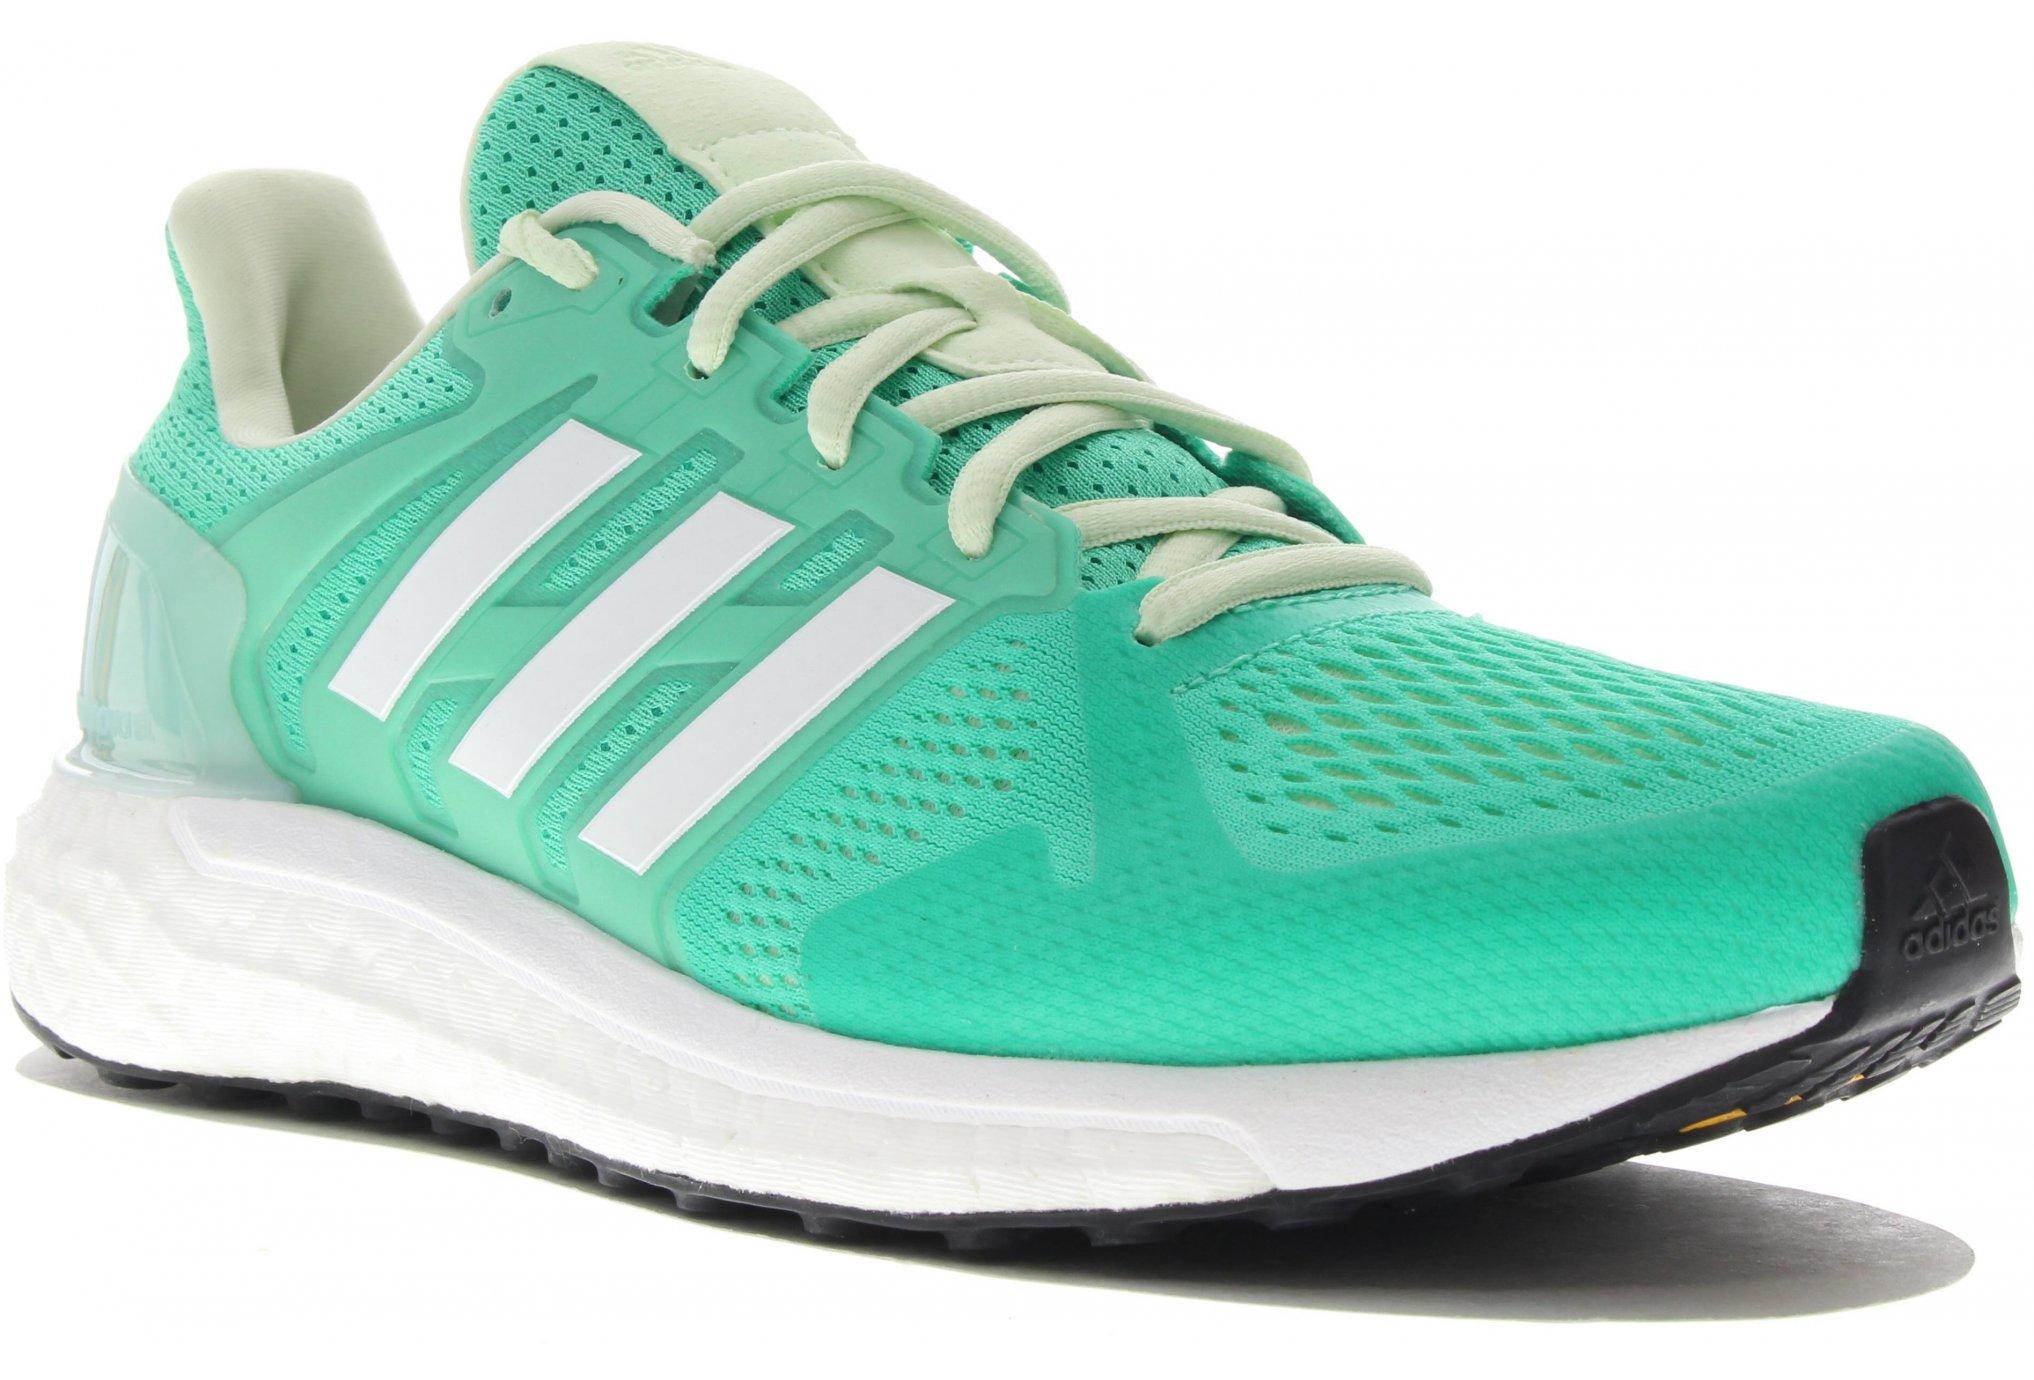 Adidas Supernova stable w diététique chaussures femme